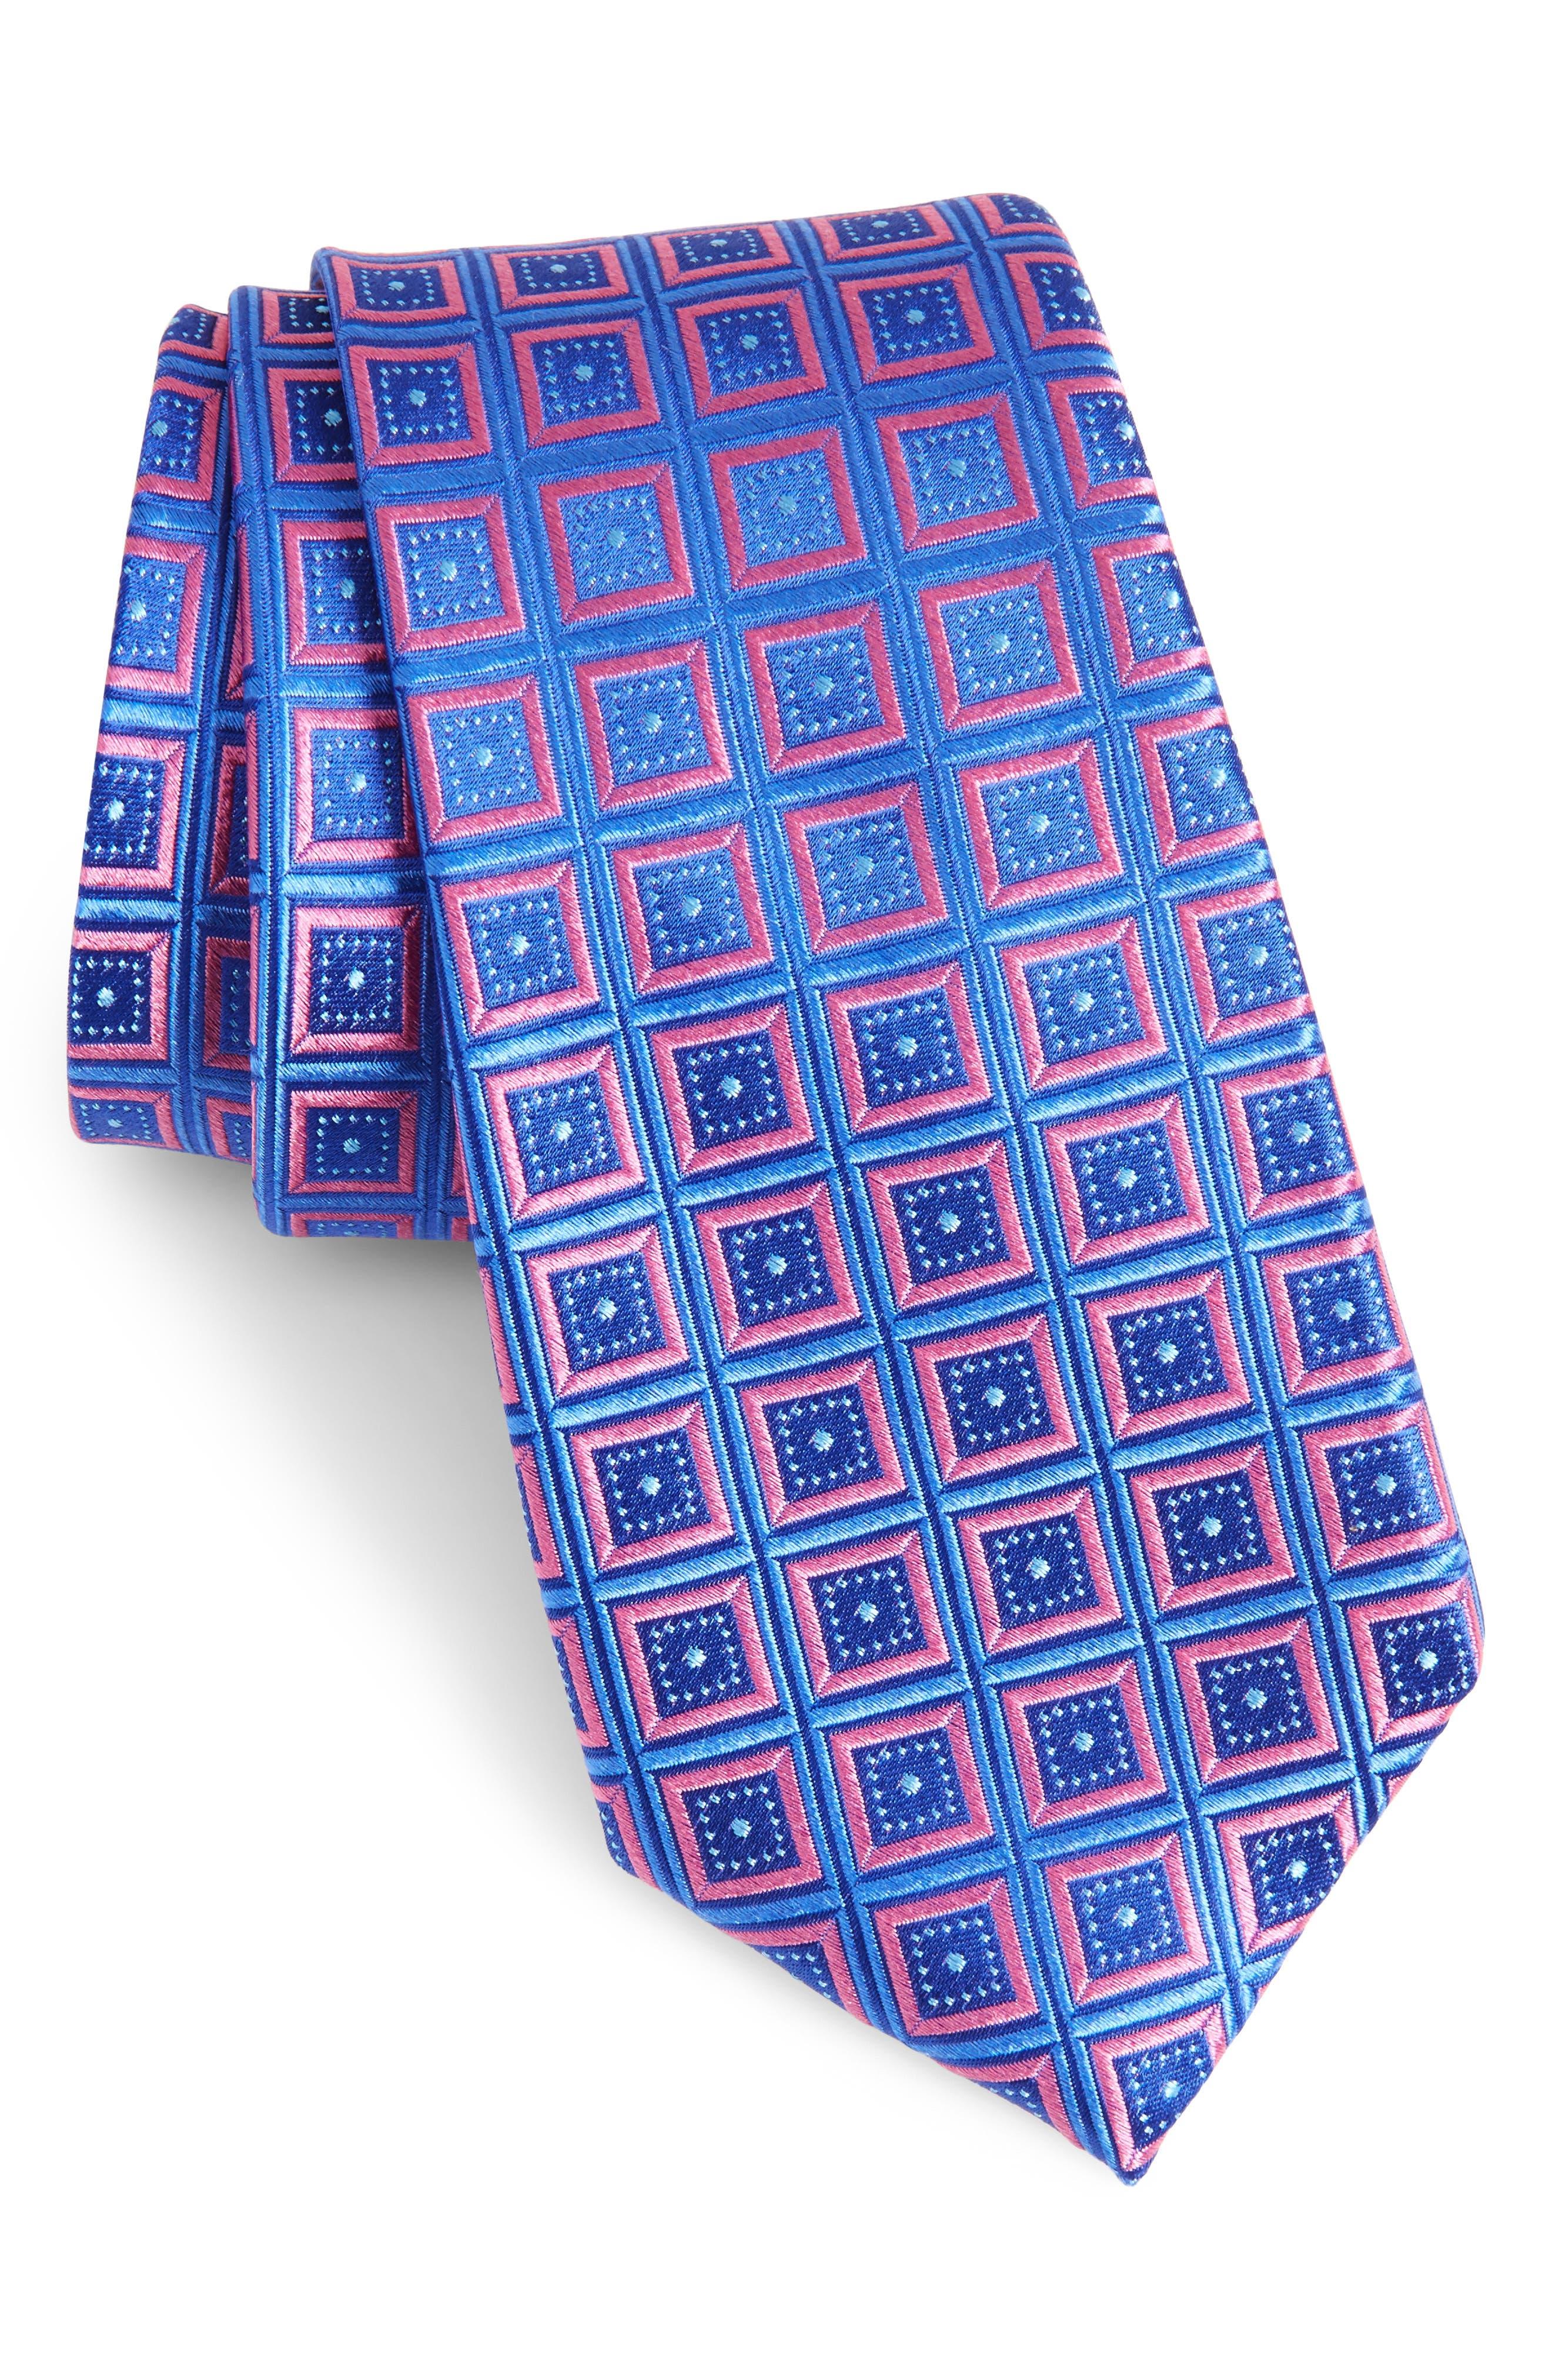 Main Image - Nordstrom Men's Shop Sublime Squares Geometric Silk Tie